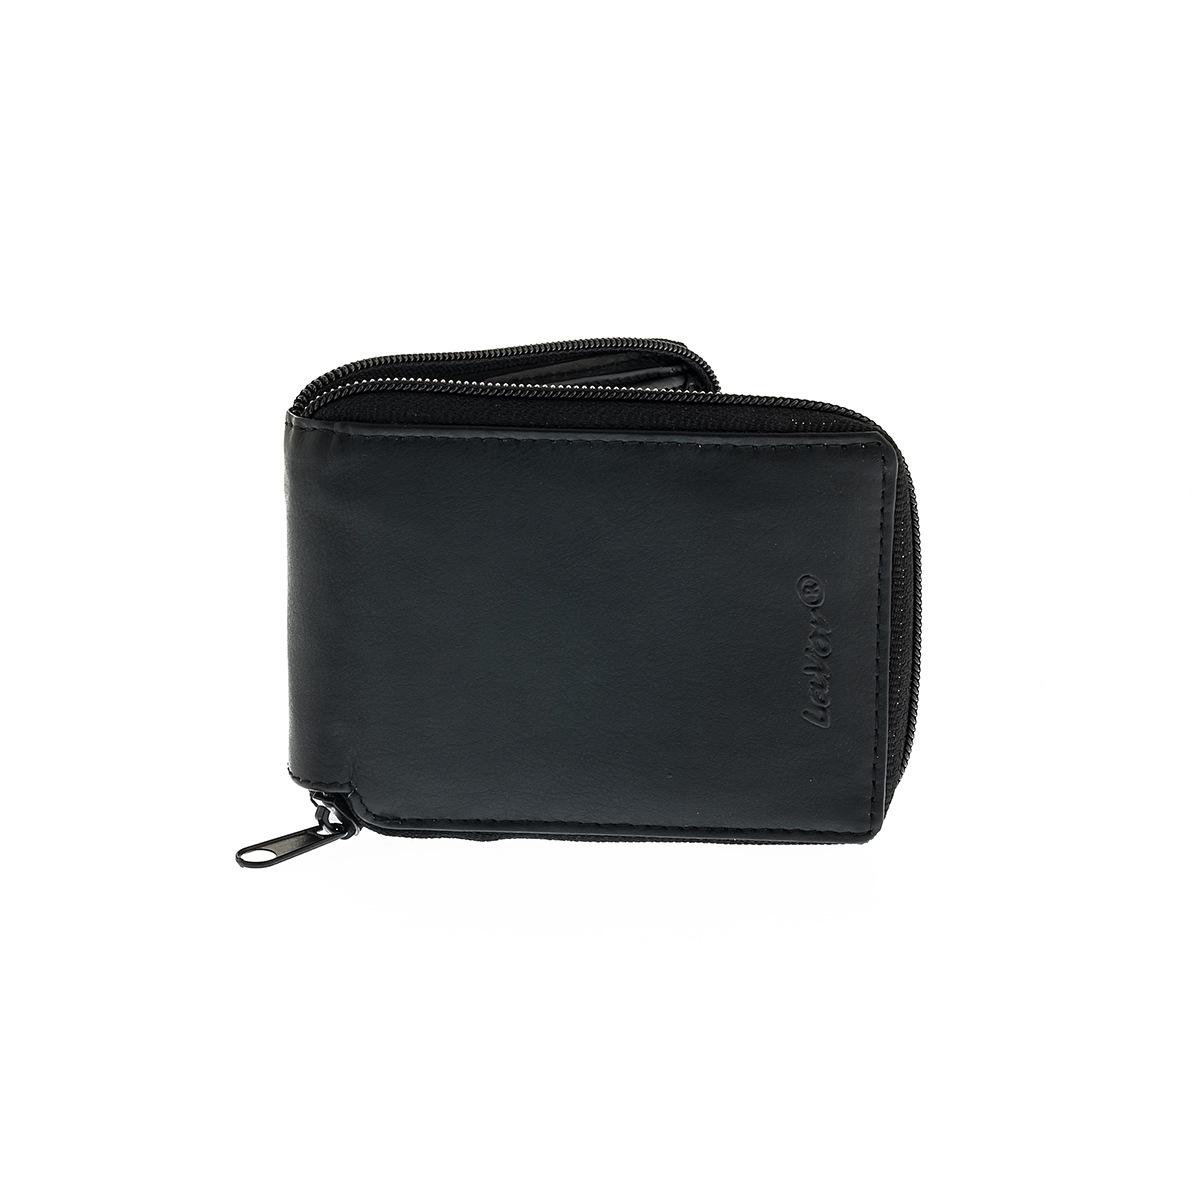 Bagsin-Lavor-7208-01-black-A1